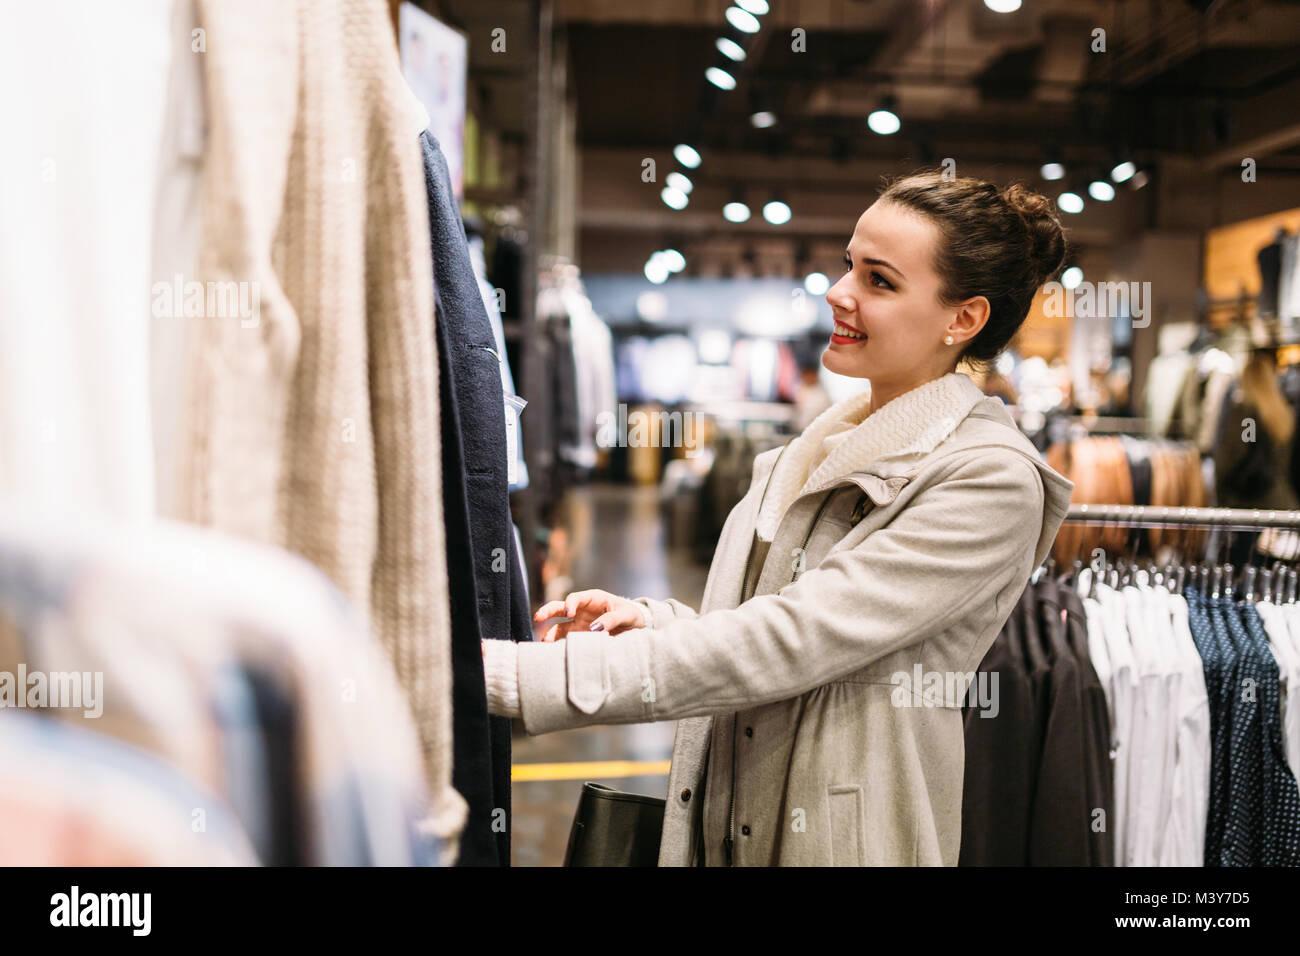 Junge attraktive Frau kaufen Kleidung in der Mall Stockbild